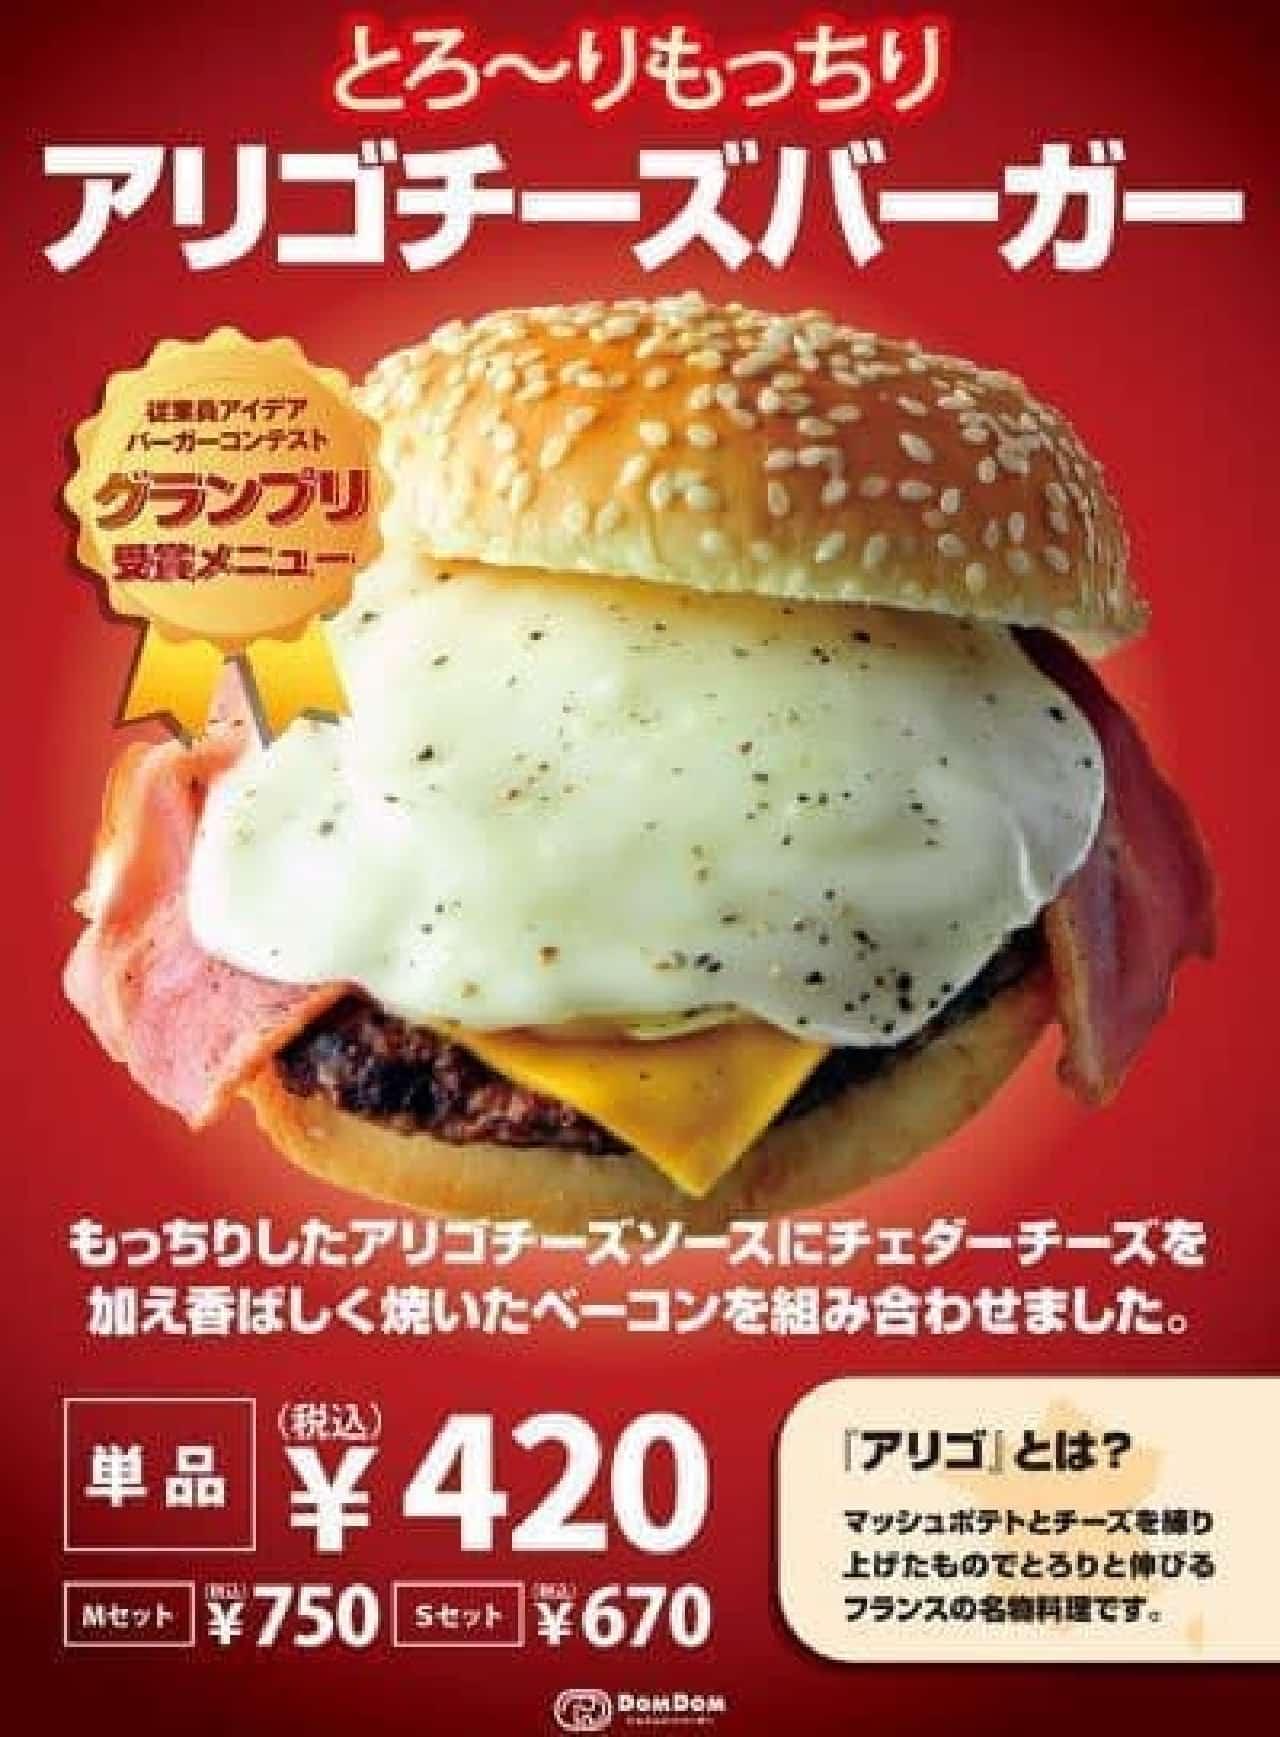 ドムドムハンバーガー「とろ~りもっちりアリゴチーズバーガー」